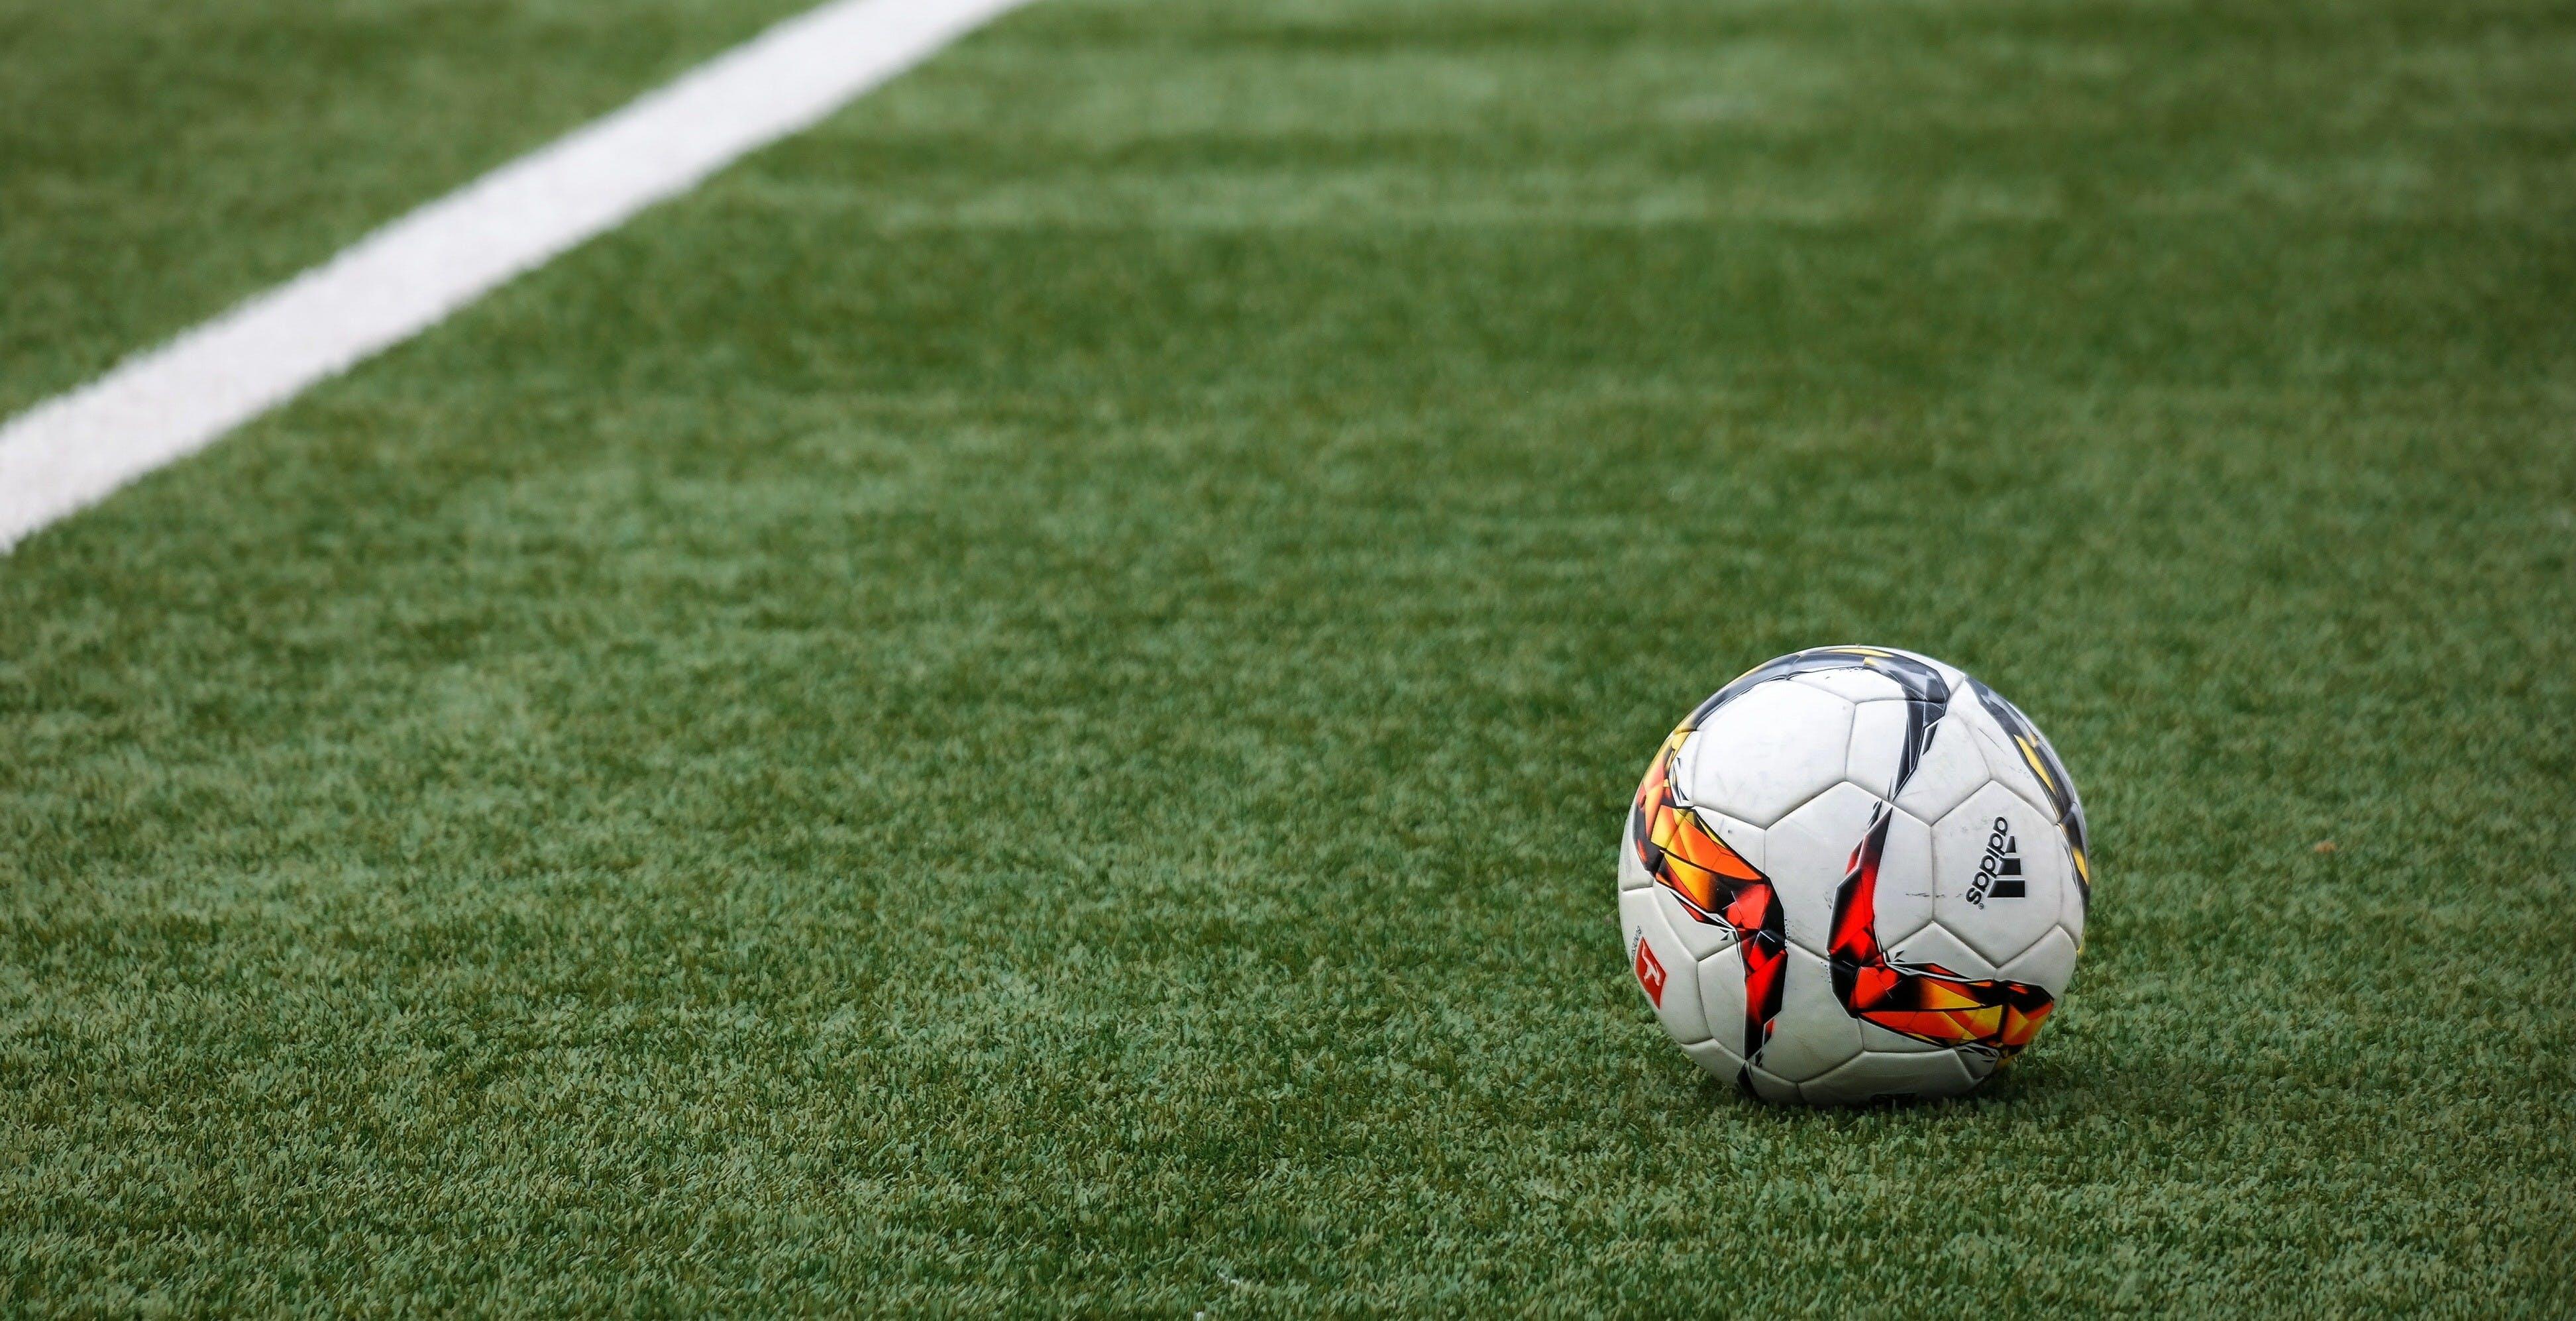 Diritti TV, la Coppa Italia sarà su Mediaset nei prossimi tre anni. Alla Rai resterà solo la radio